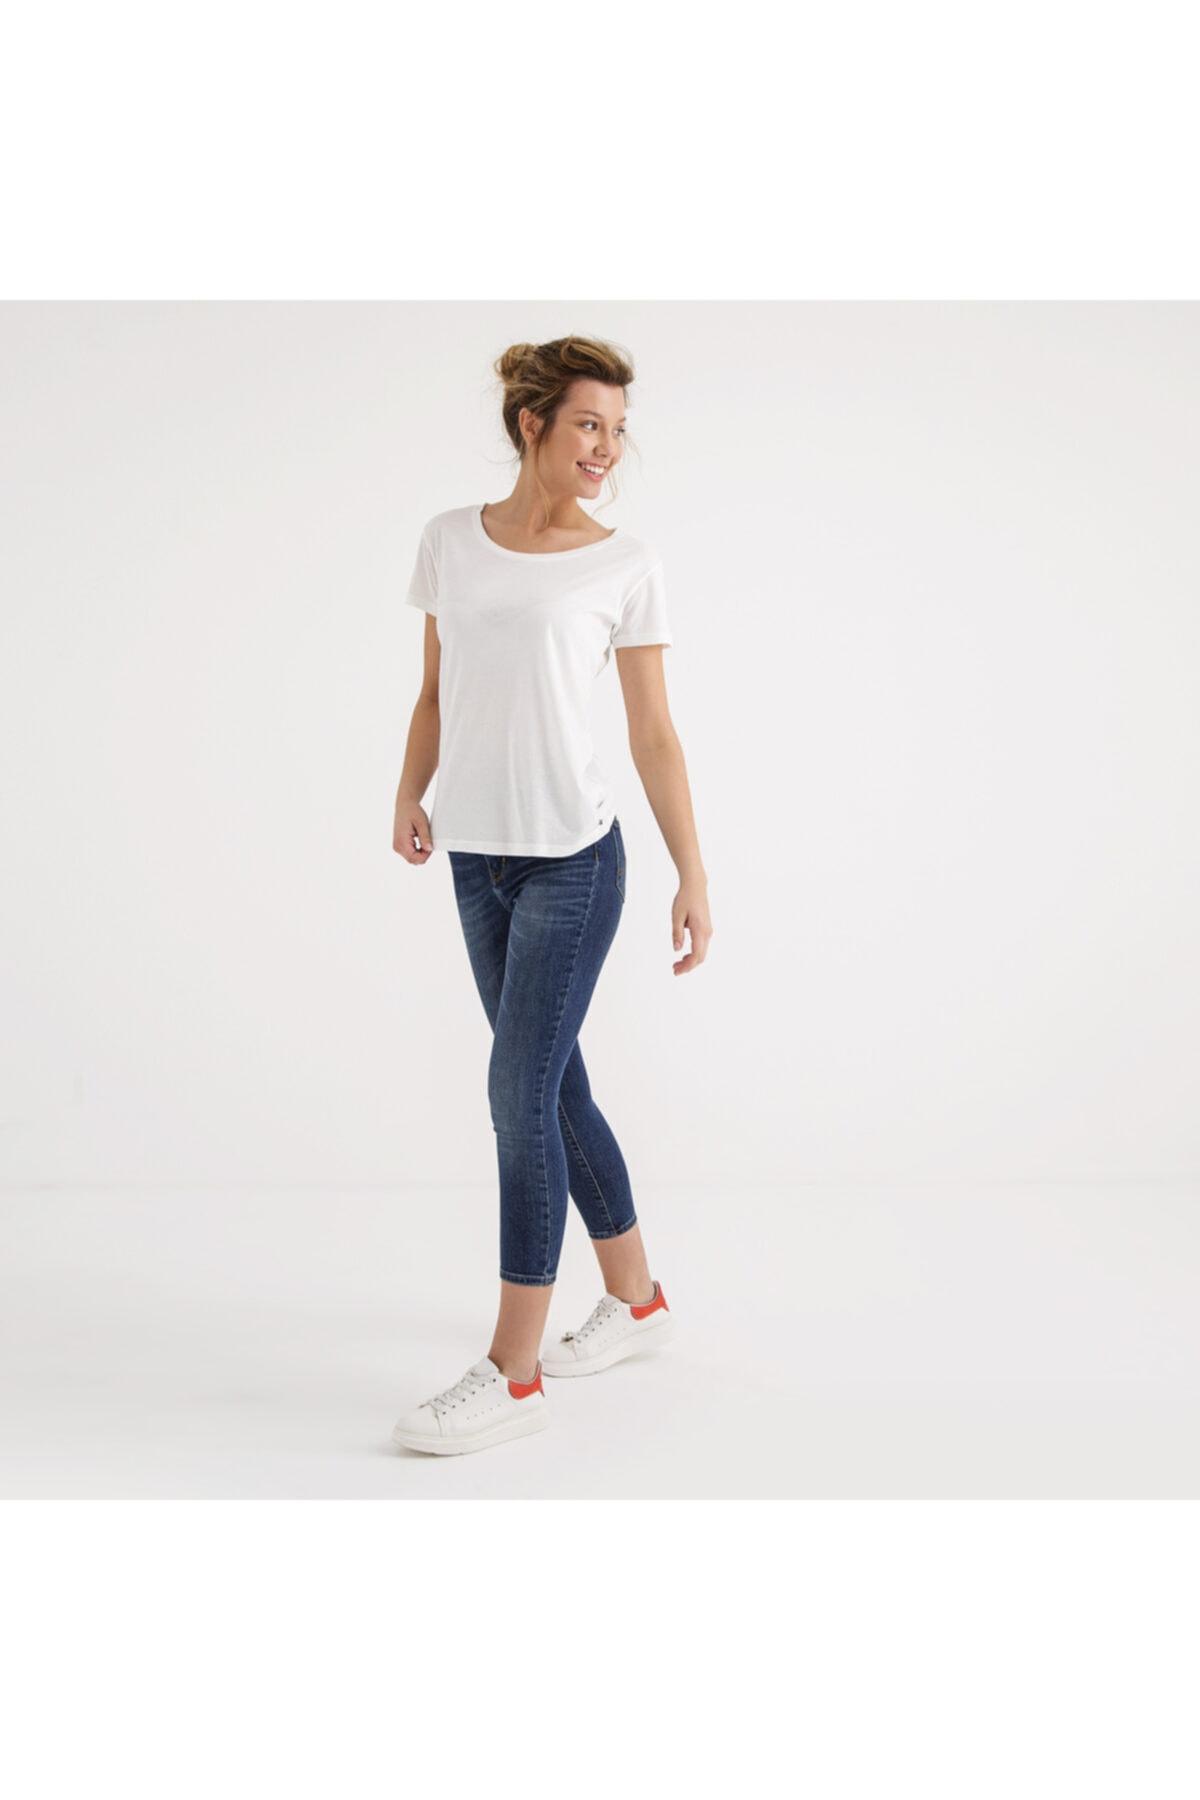 Mustang Kadın Baskılı T-shirt Beyaz 1